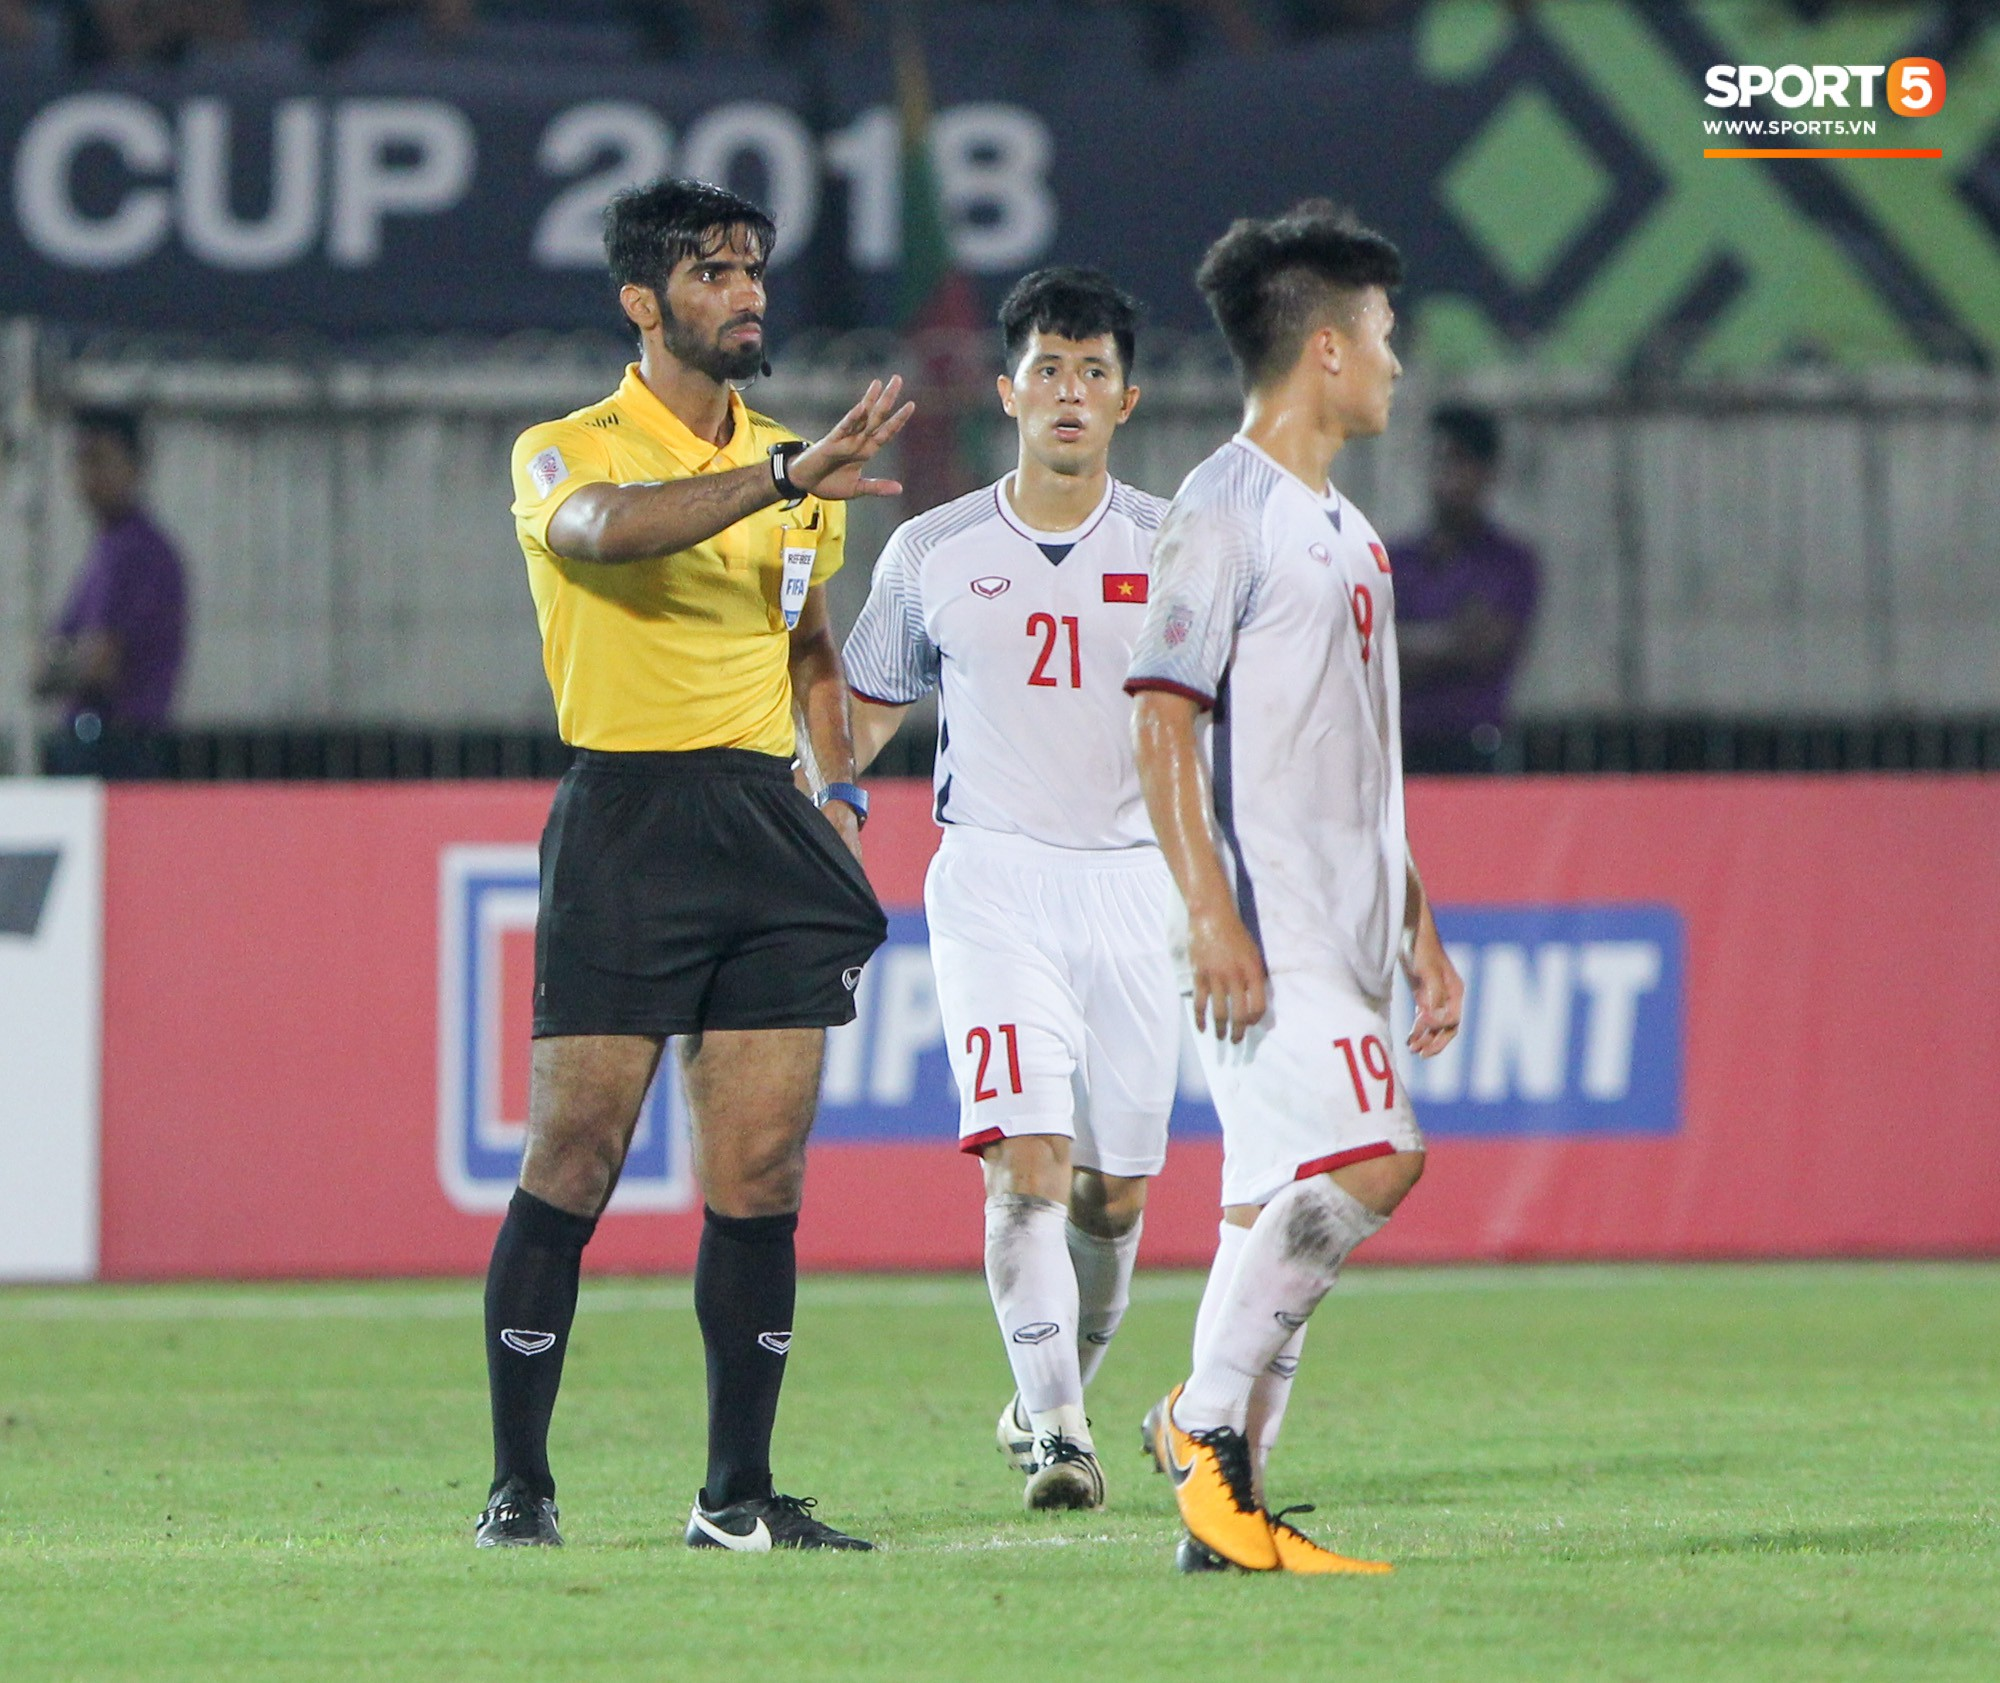 Sau khi đi ra giữa sân để làm thủ tục bắt tay với hai đội, trọng tài chính tiếp tục bị các hậu vệ đội tuyển Việt Nam quây chặt. Ảnh: Hiếu Lương/Sport5.vn